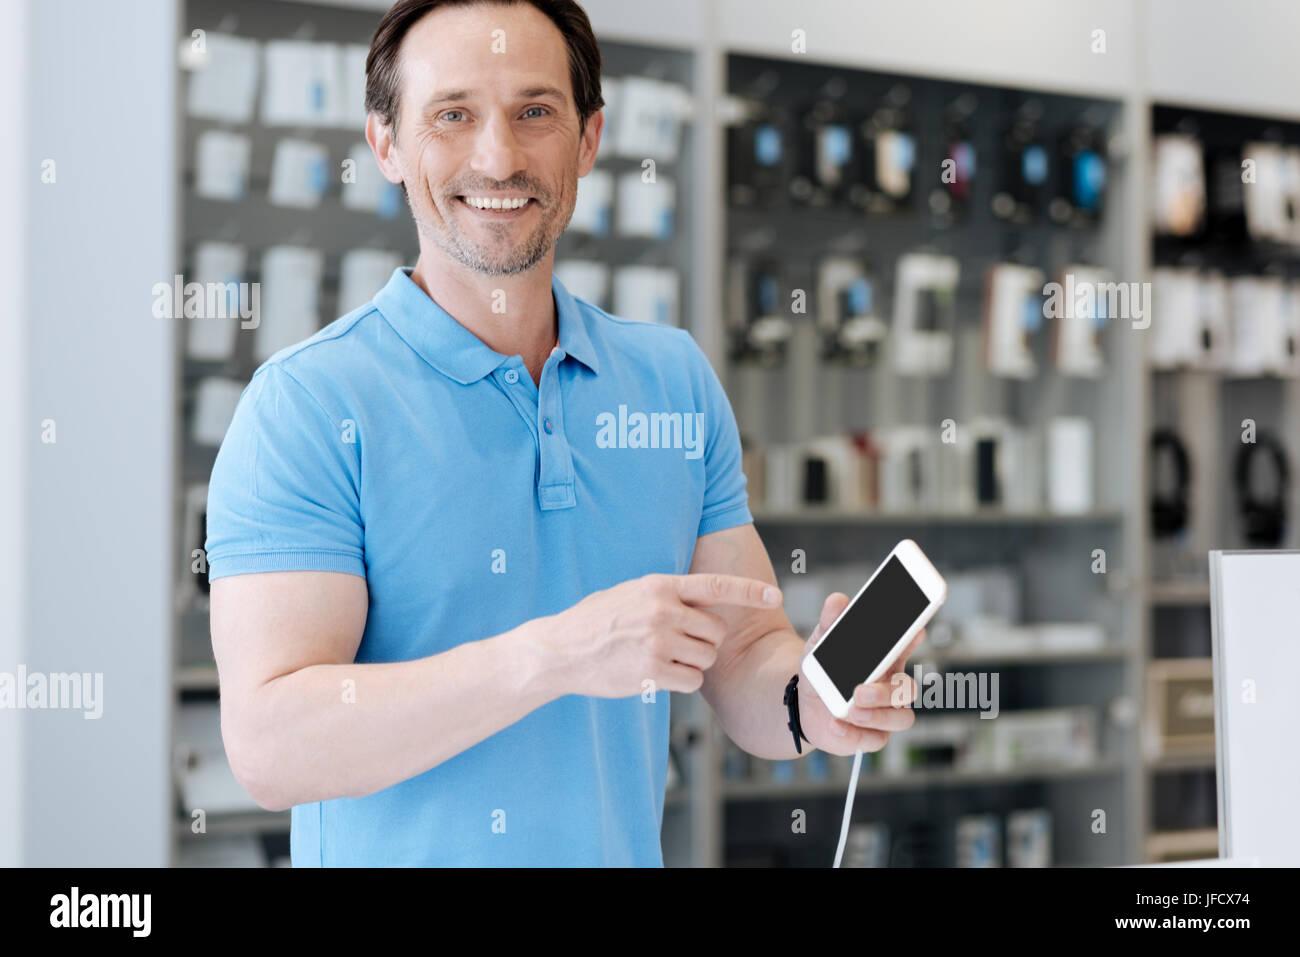 Ich nehme diese ein. Strahlende Mann grinse breit während stehend auf einer Shop-Display und ein Handy in einem Stockbild